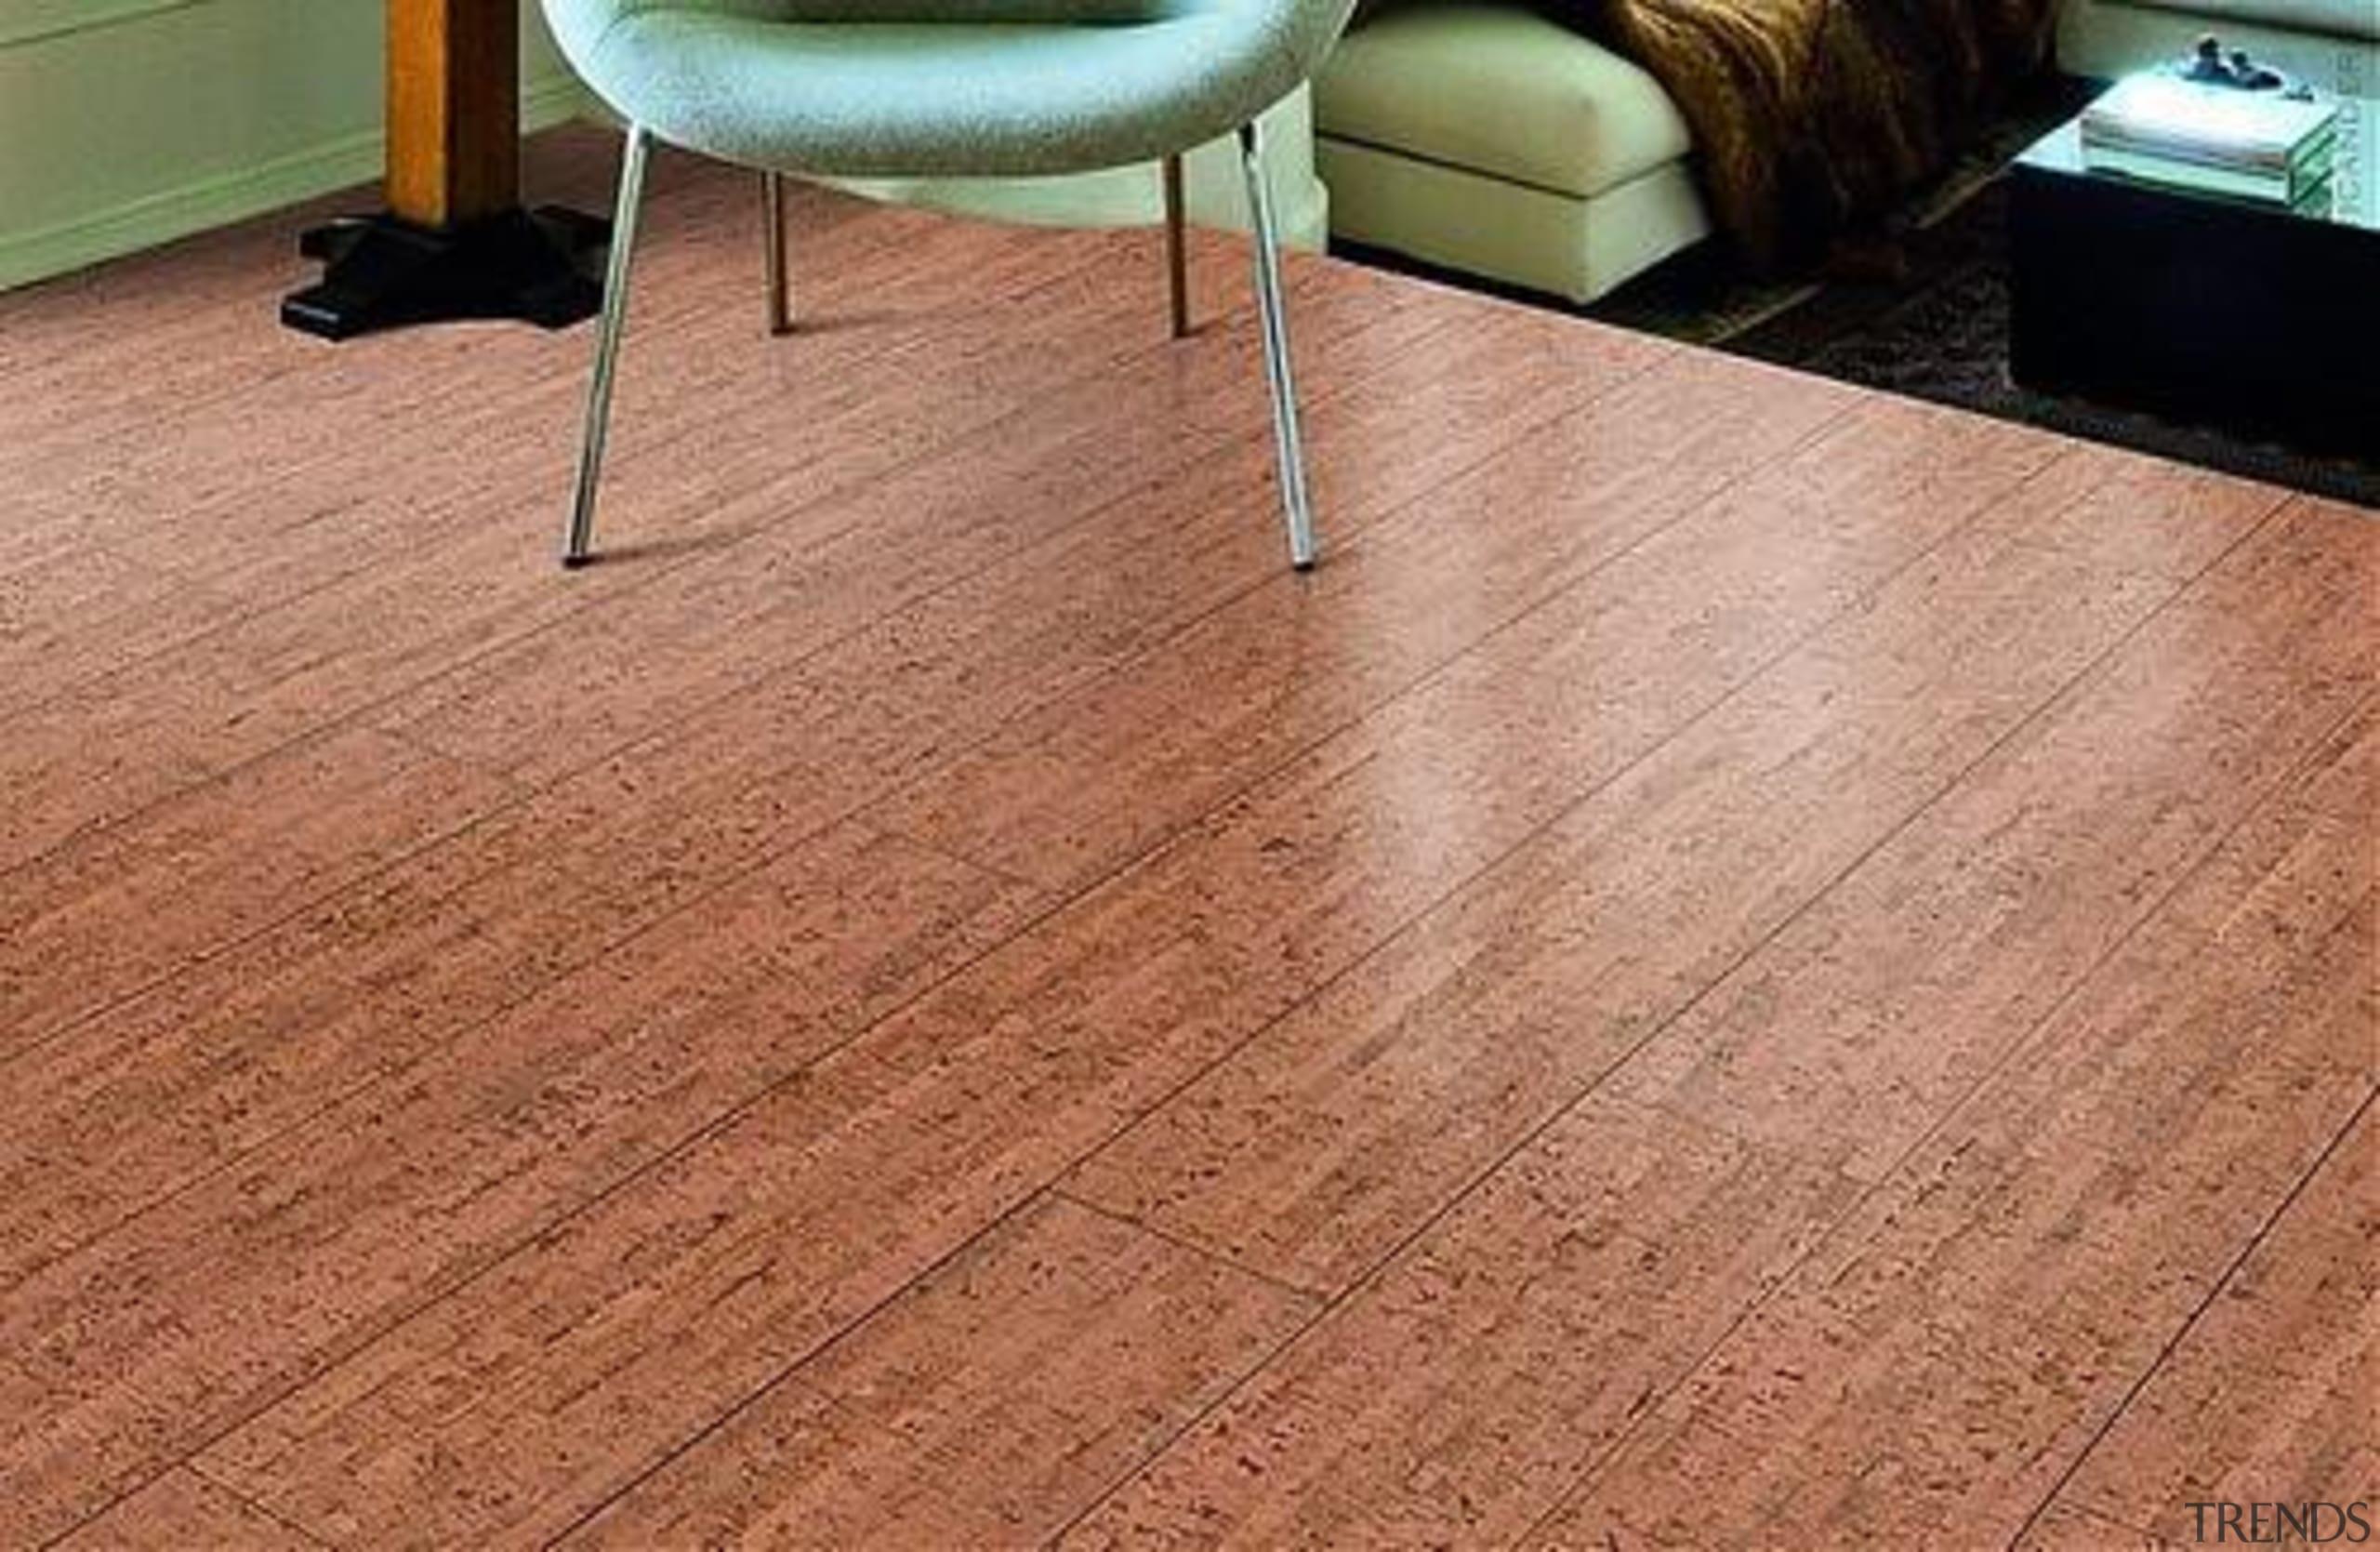 Cork Comfort - Reed Barley - Cork Comfort floor, flooring, hardwood, laminate flooring, tile, wood, wood flooring, wood stain, orange, brown